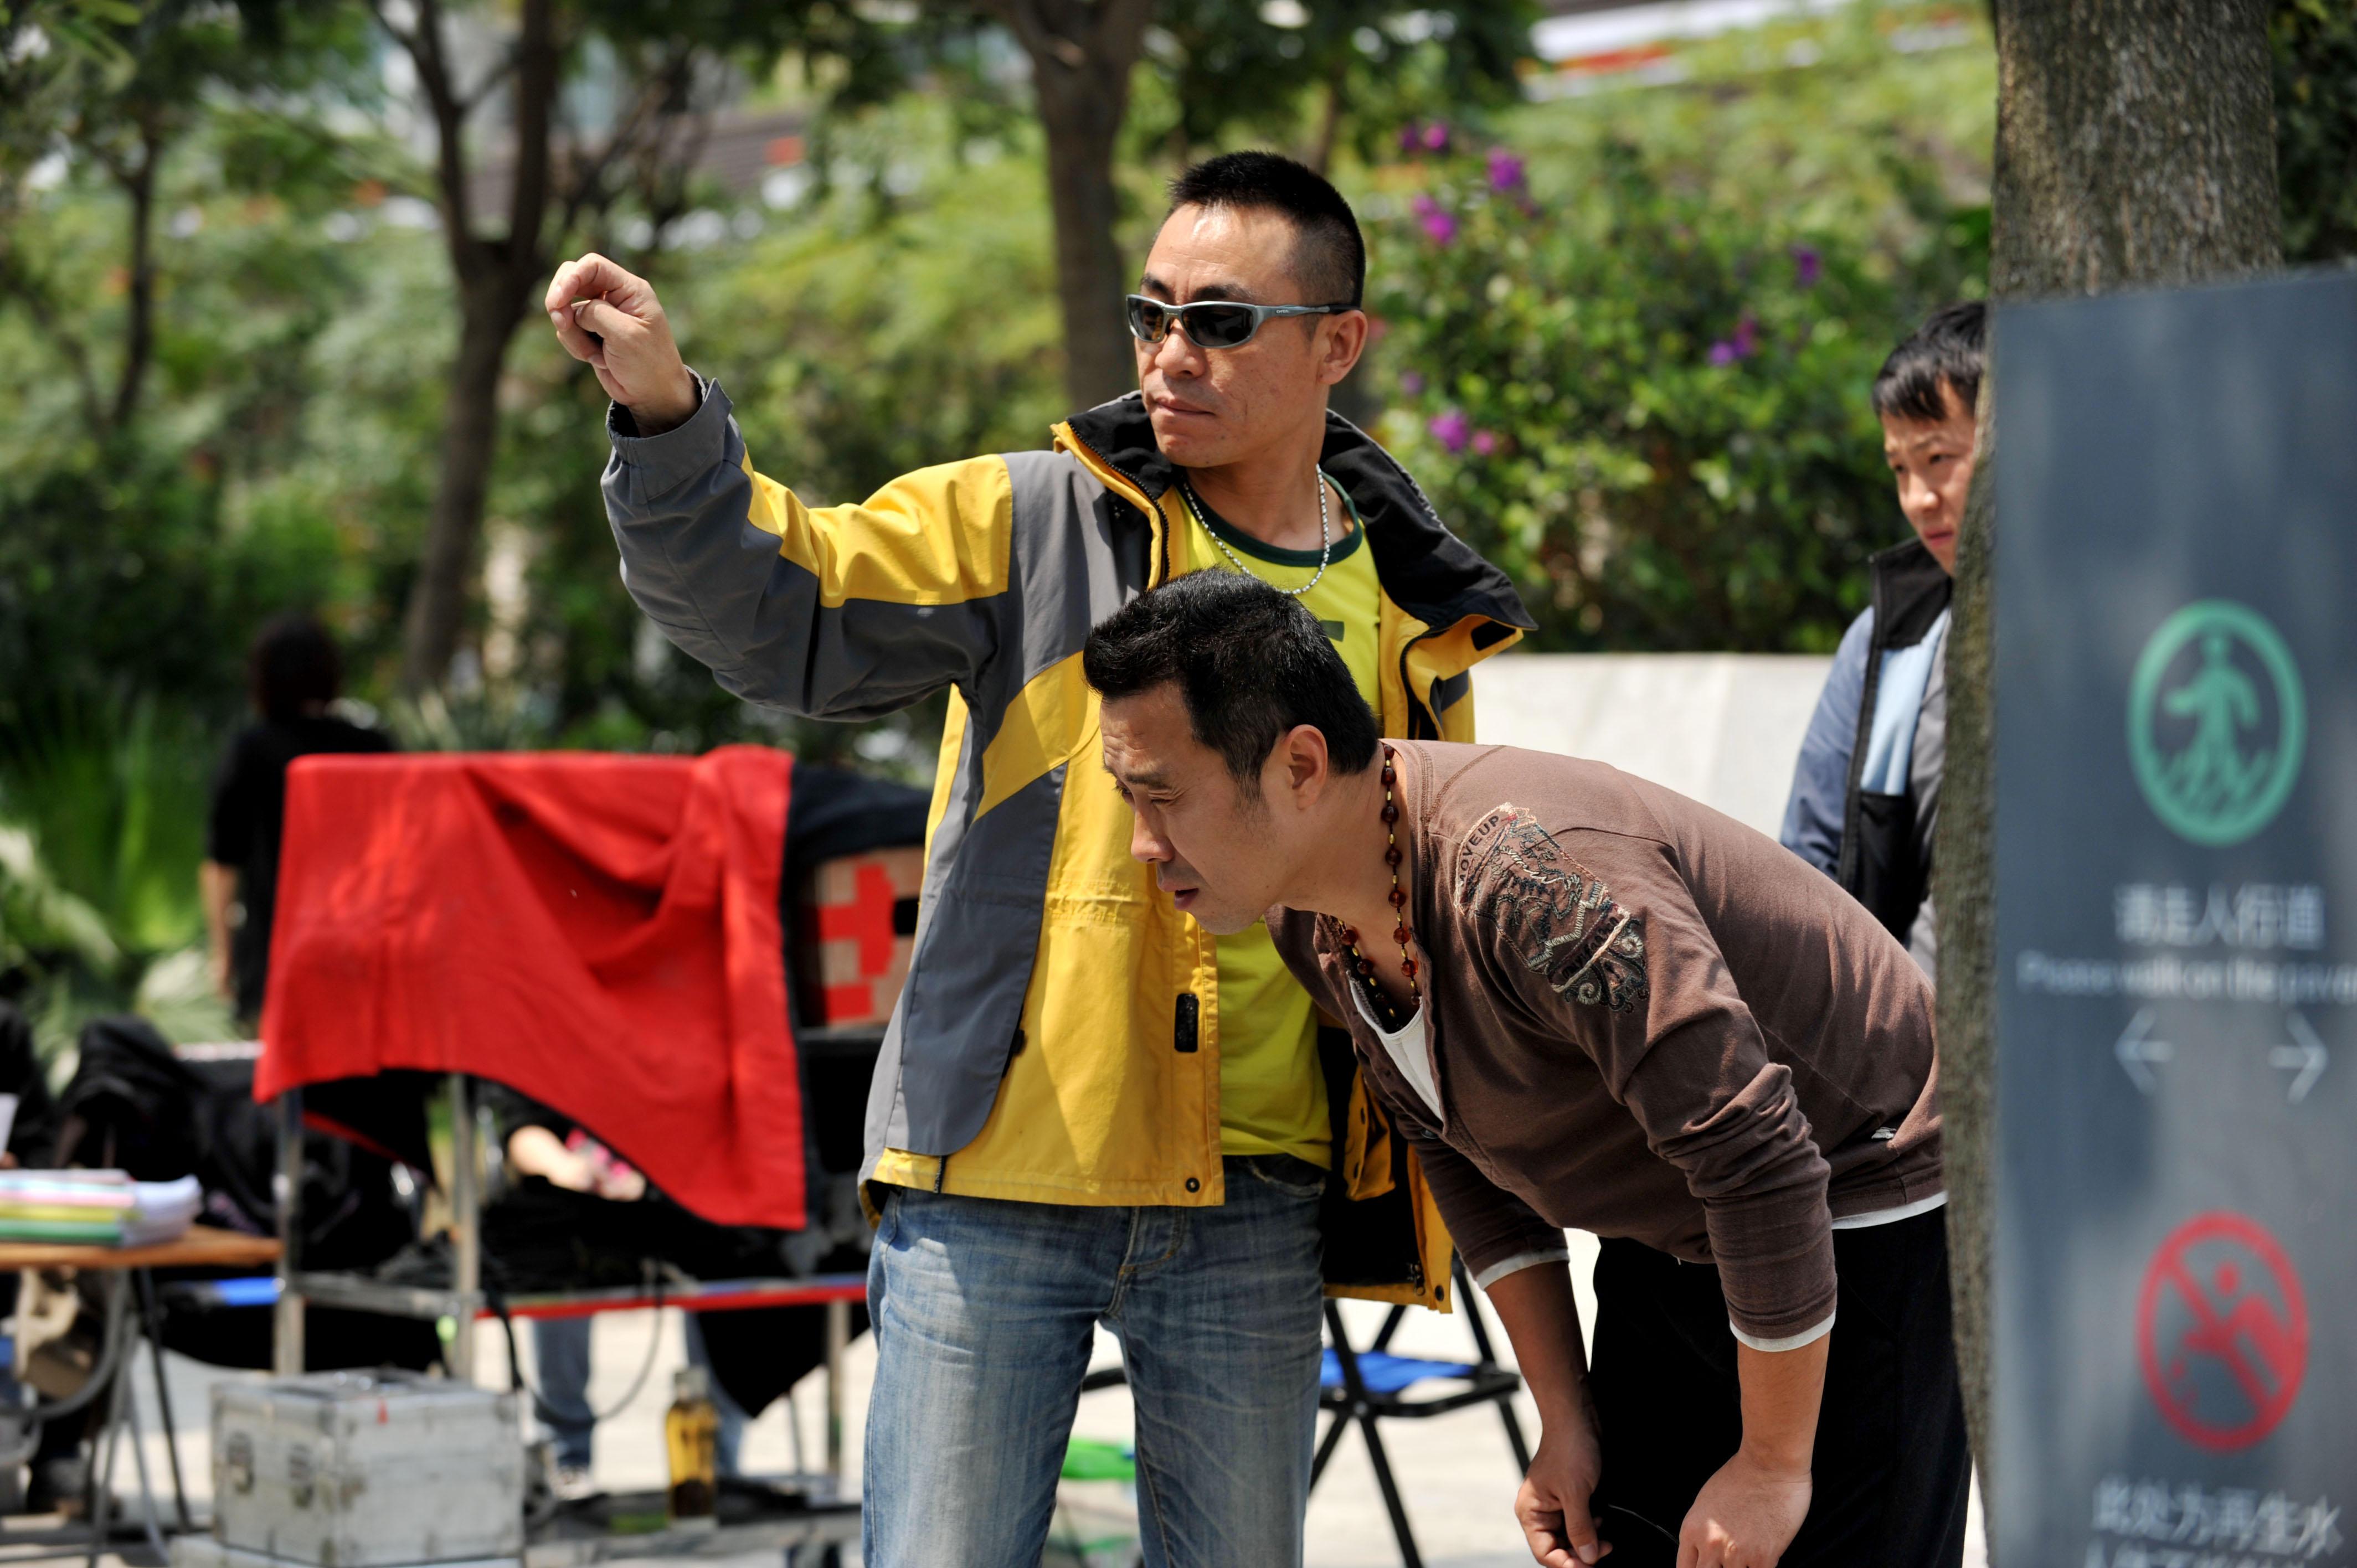 马英执导电影《红豆杉之恋》杀青!影片重点关注贫困区以及红豆杉2.jpg